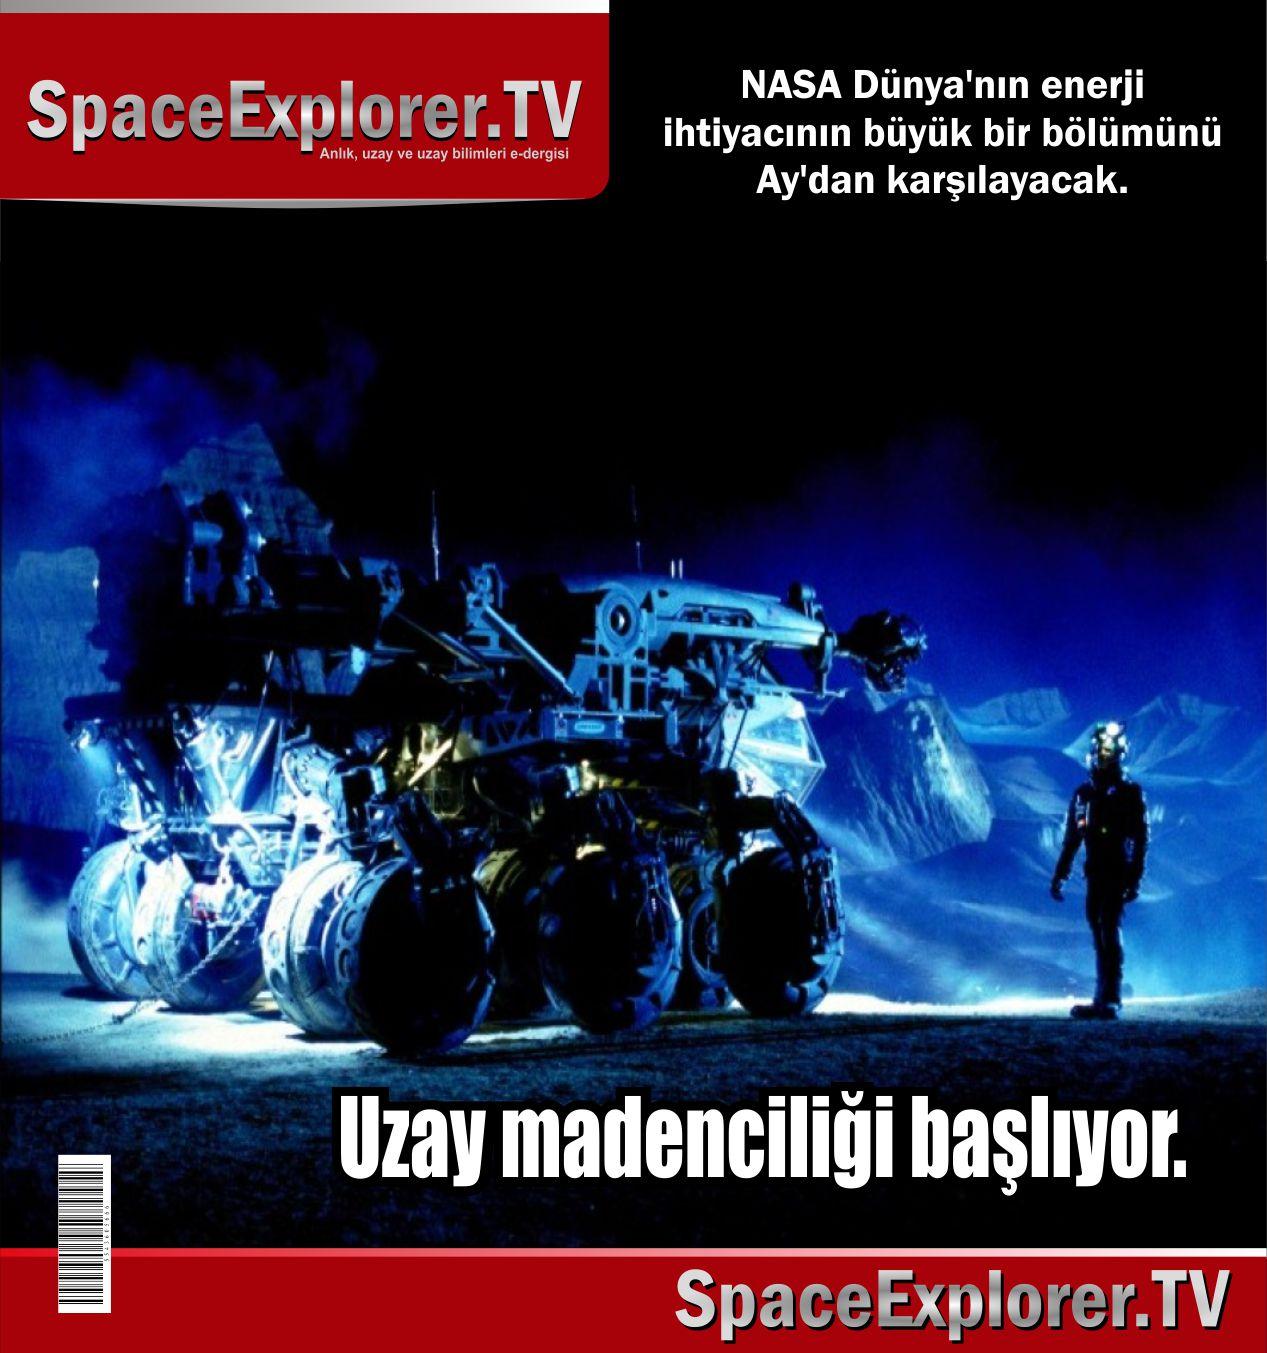 NASA, Uzaydaki madenler, Uzay madenciliği, Gök taşı madenciliği, Ay'daki madenler, Ay, Helyum 3, Rusya, Japonya, Space Explorer,